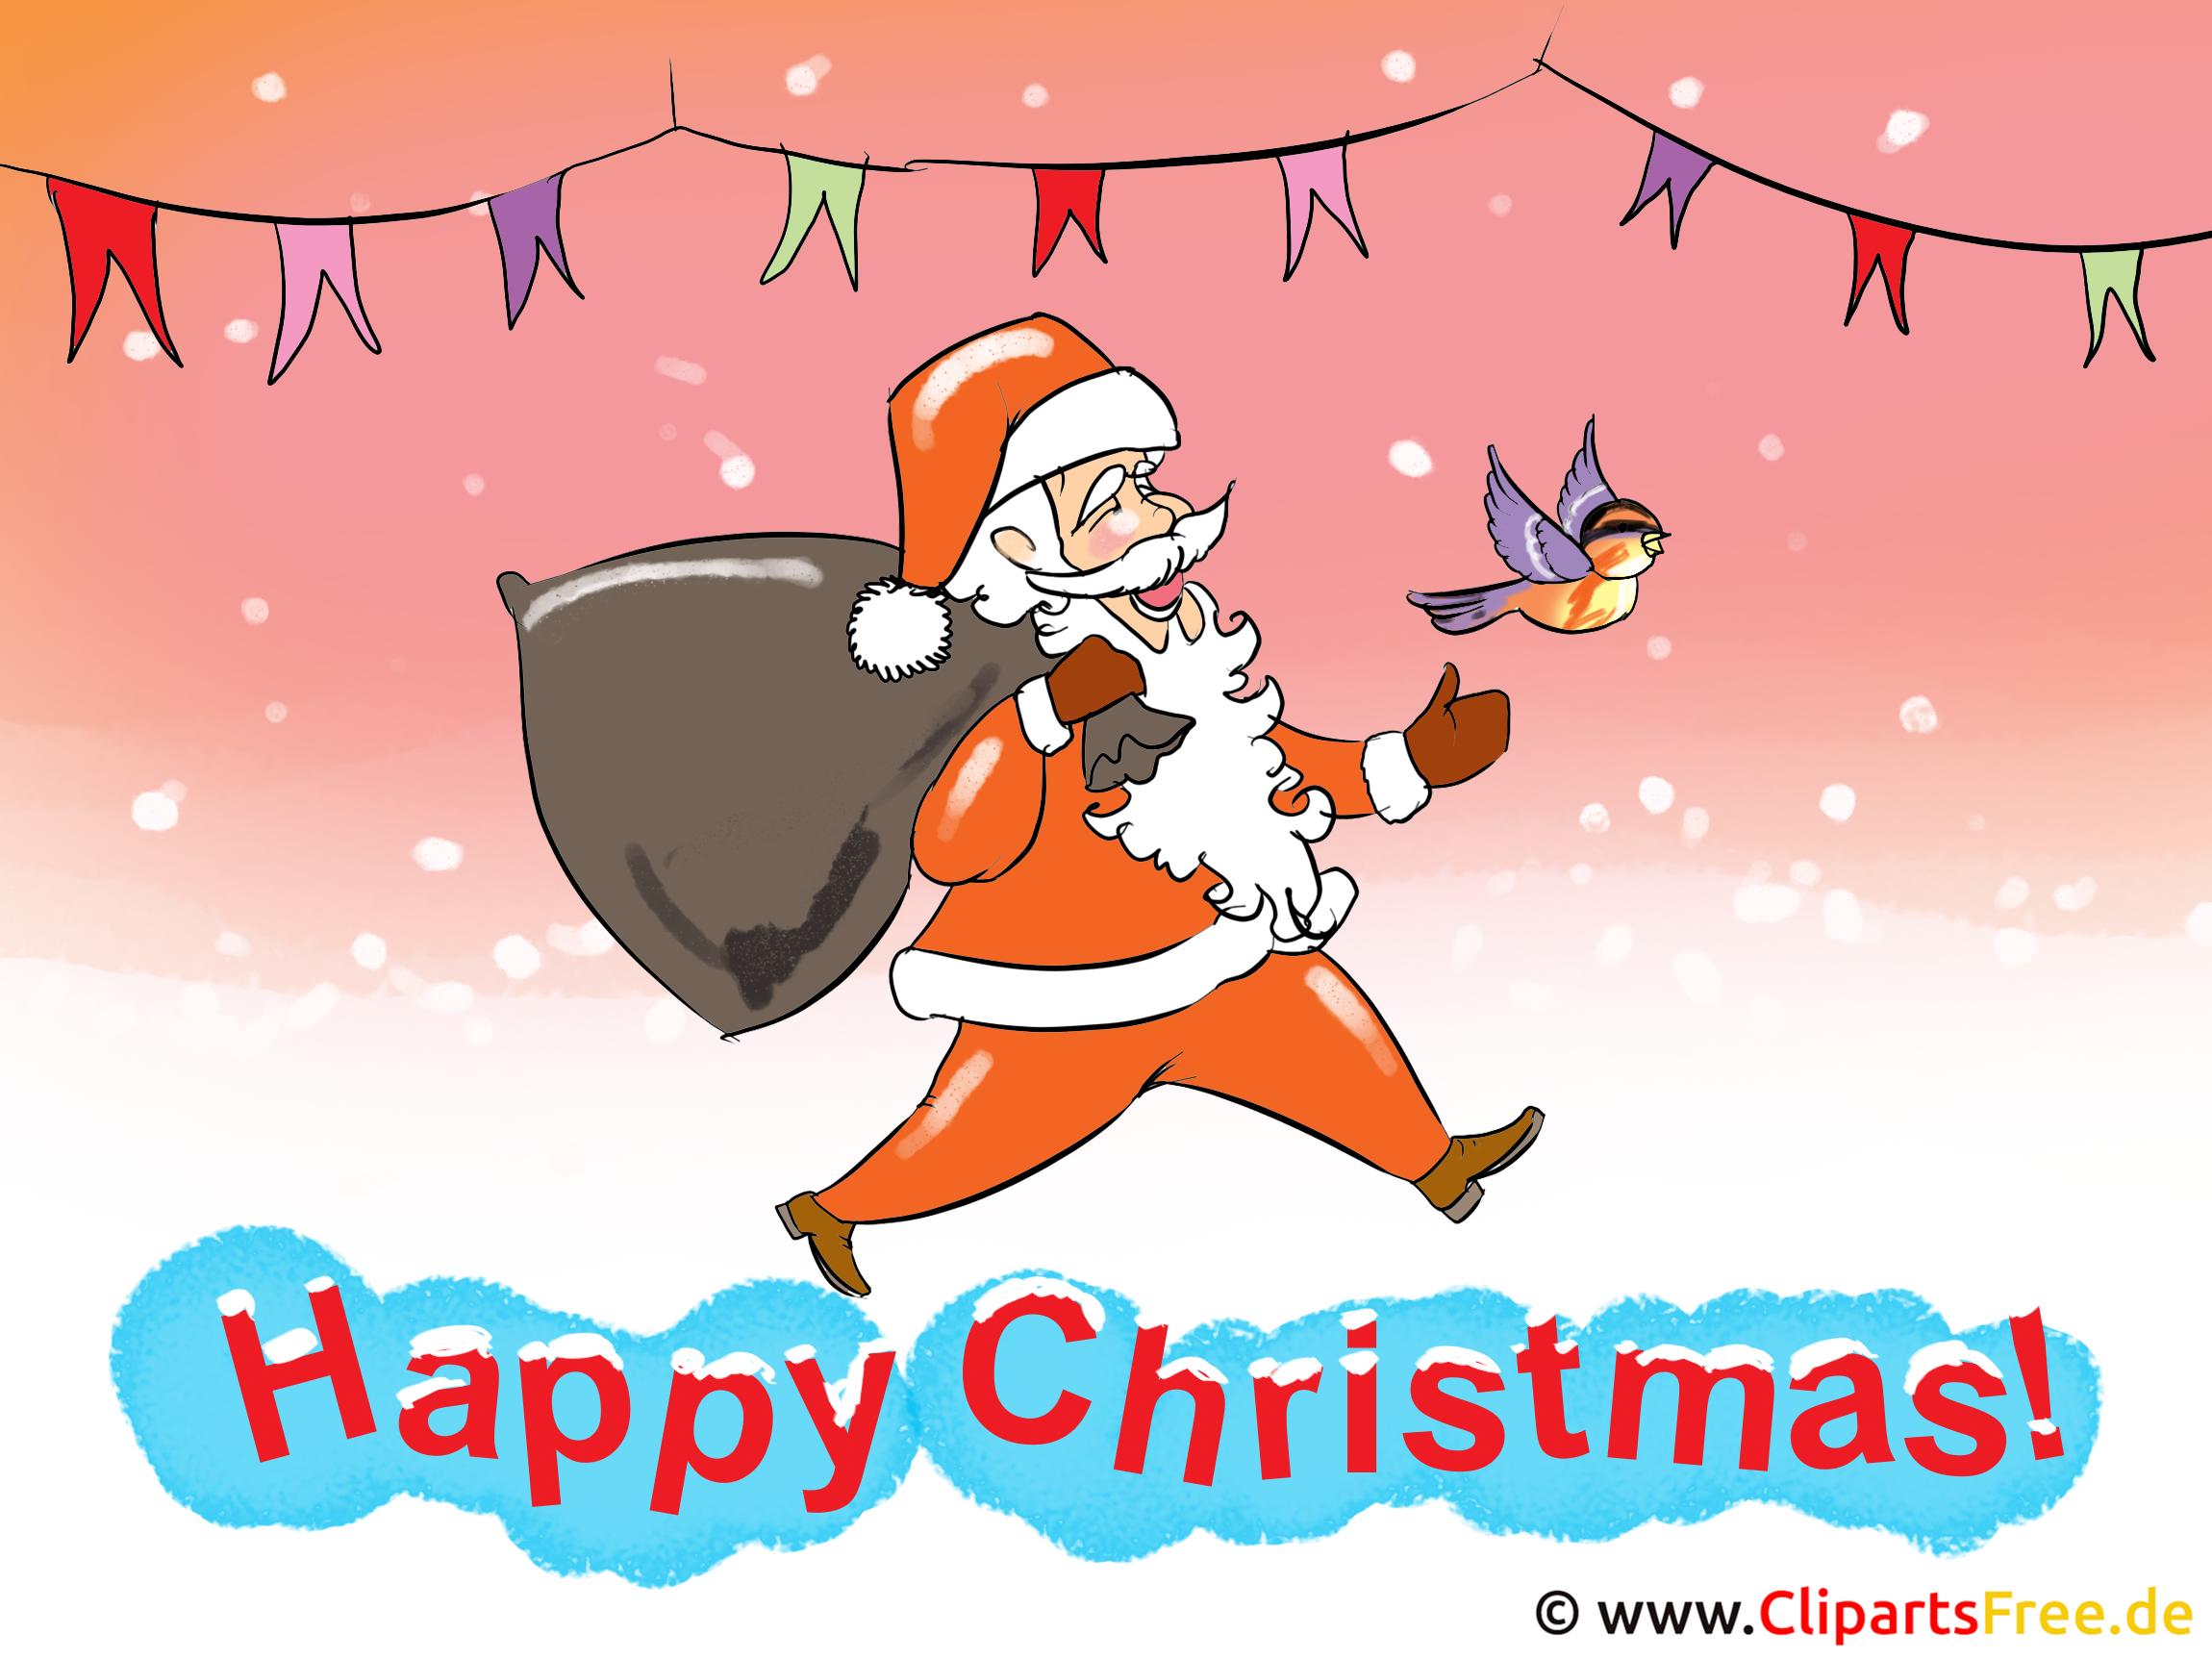 Bilder zu weihnachten und neujahr - Cliparts weihnachten und neujahr kostenlos ...